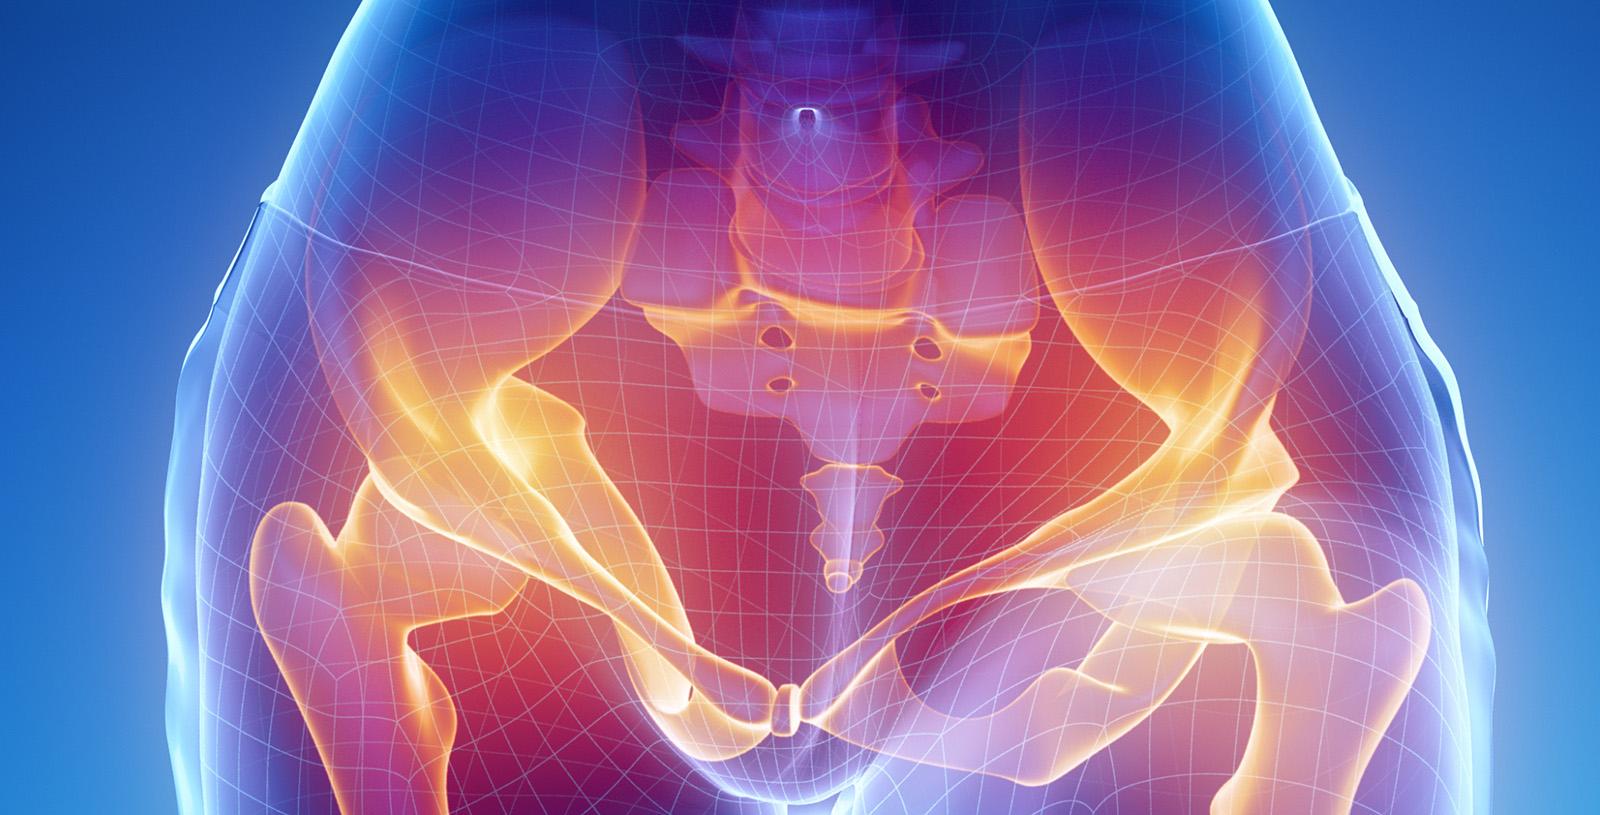 КТ органов малого таза